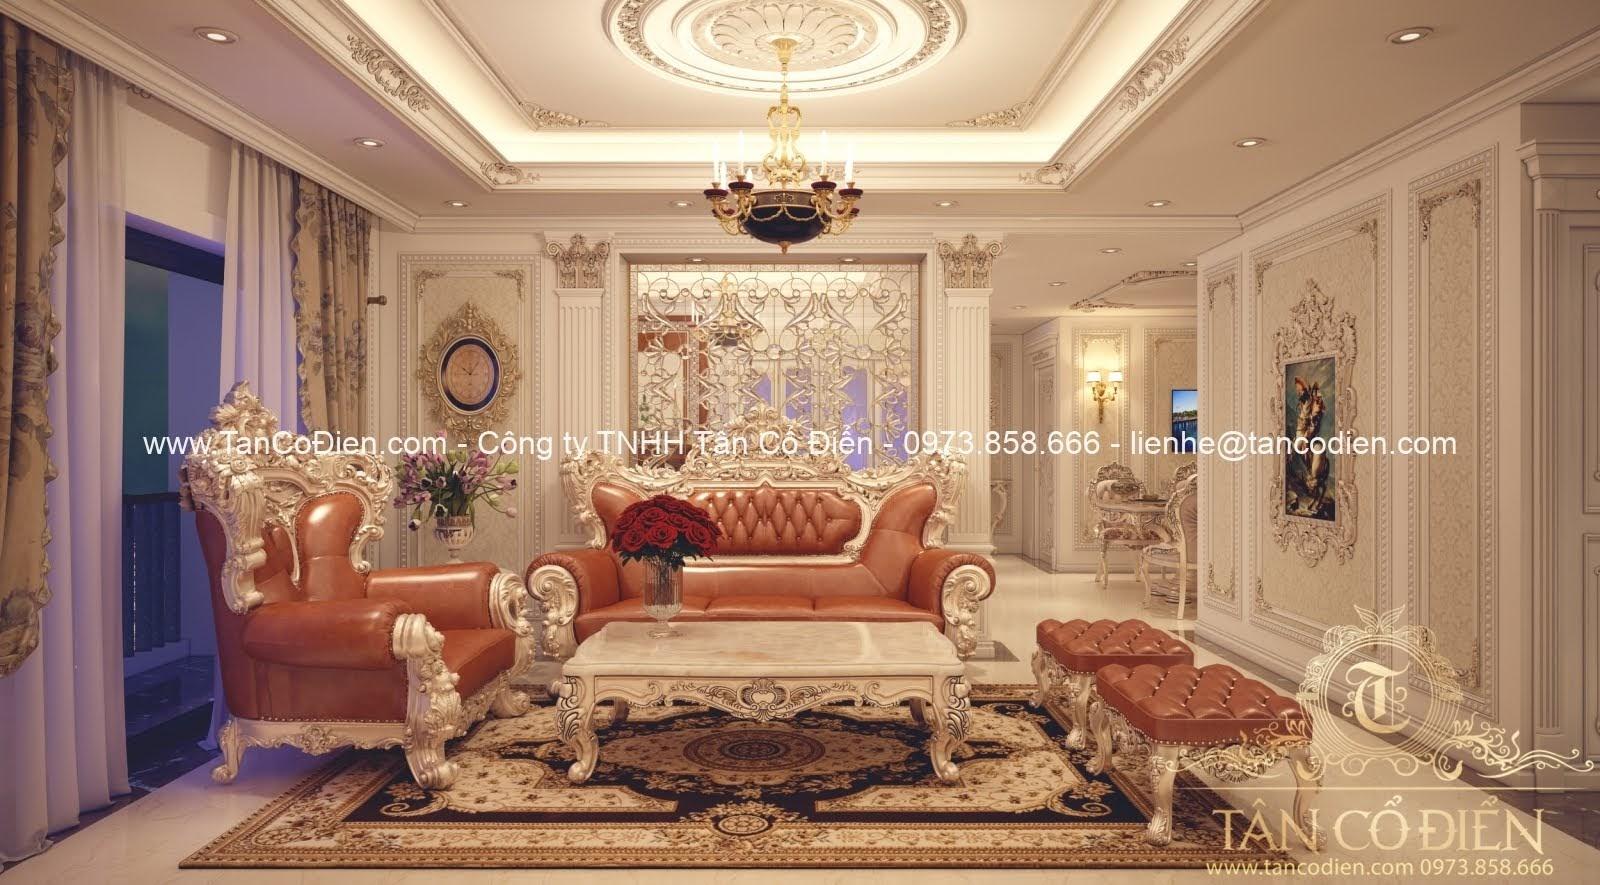 Nội thất phòng khách biệt thự phong cách cổ điển